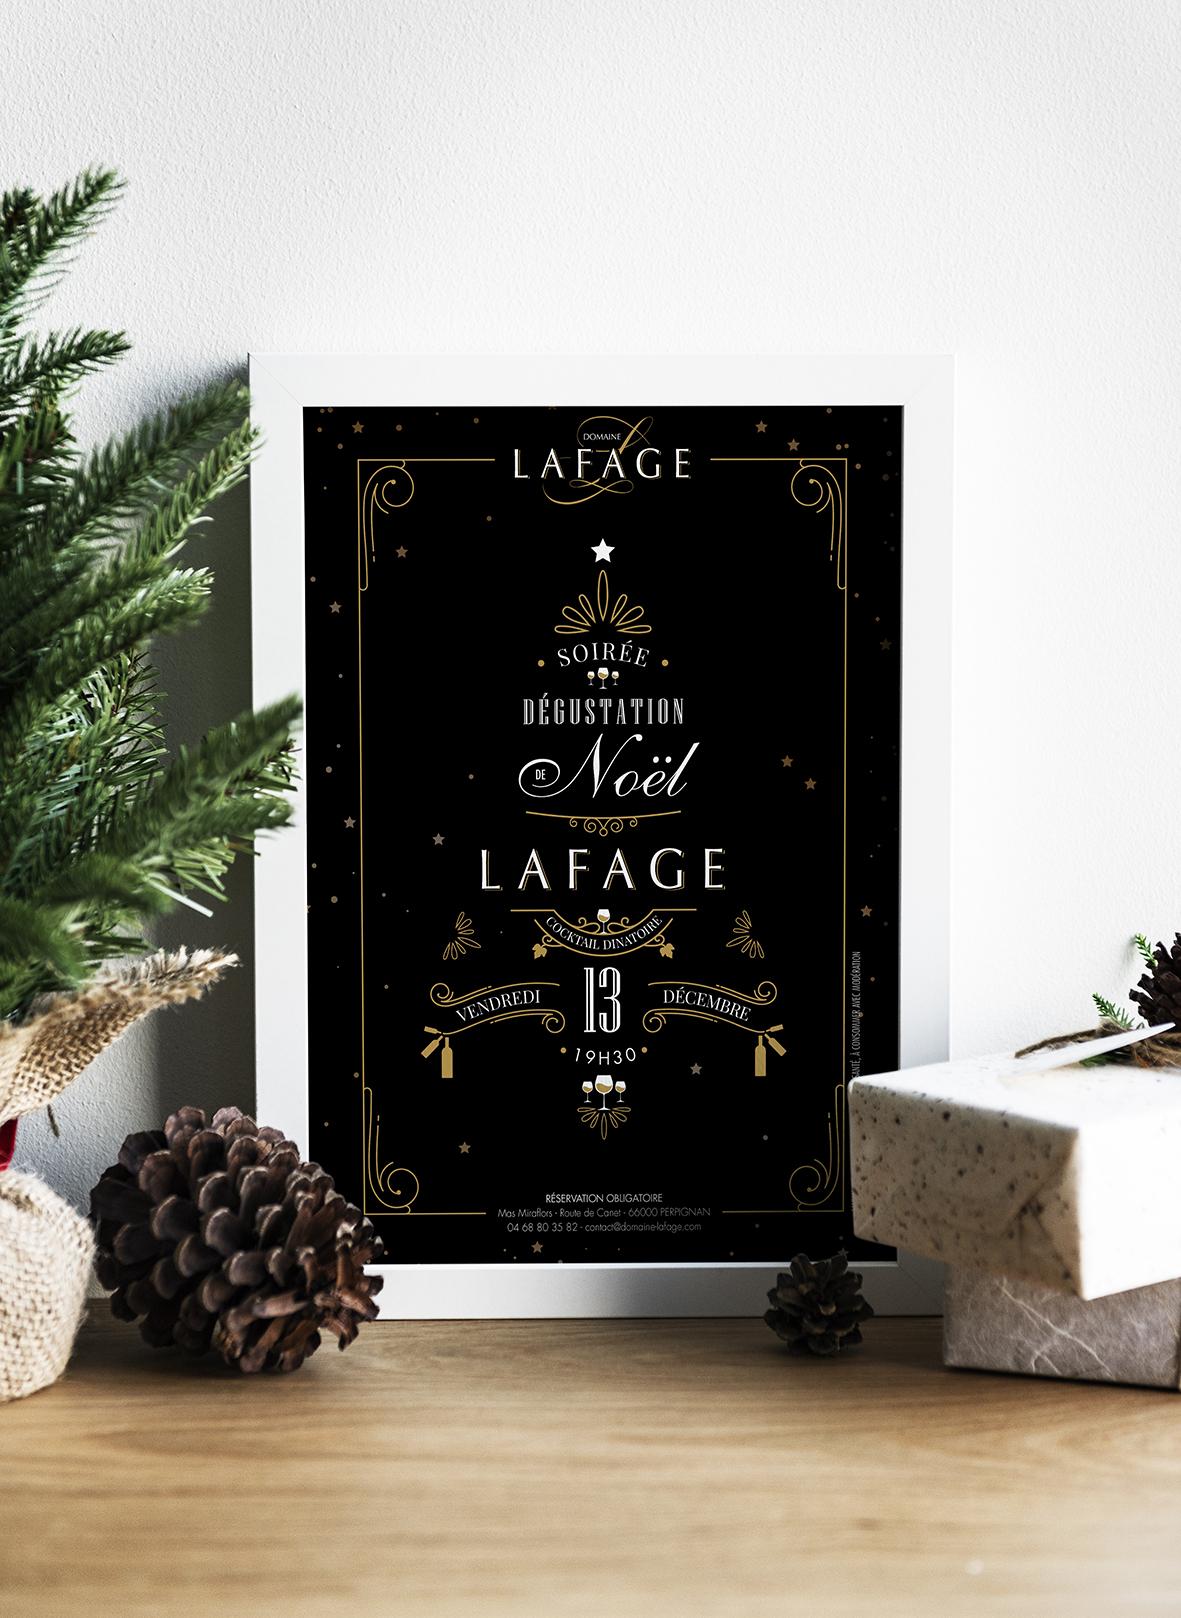 LIMAGIERE-DOMAINE-LAFAGE-SOIREE-DE-NOEL-AFFICHE